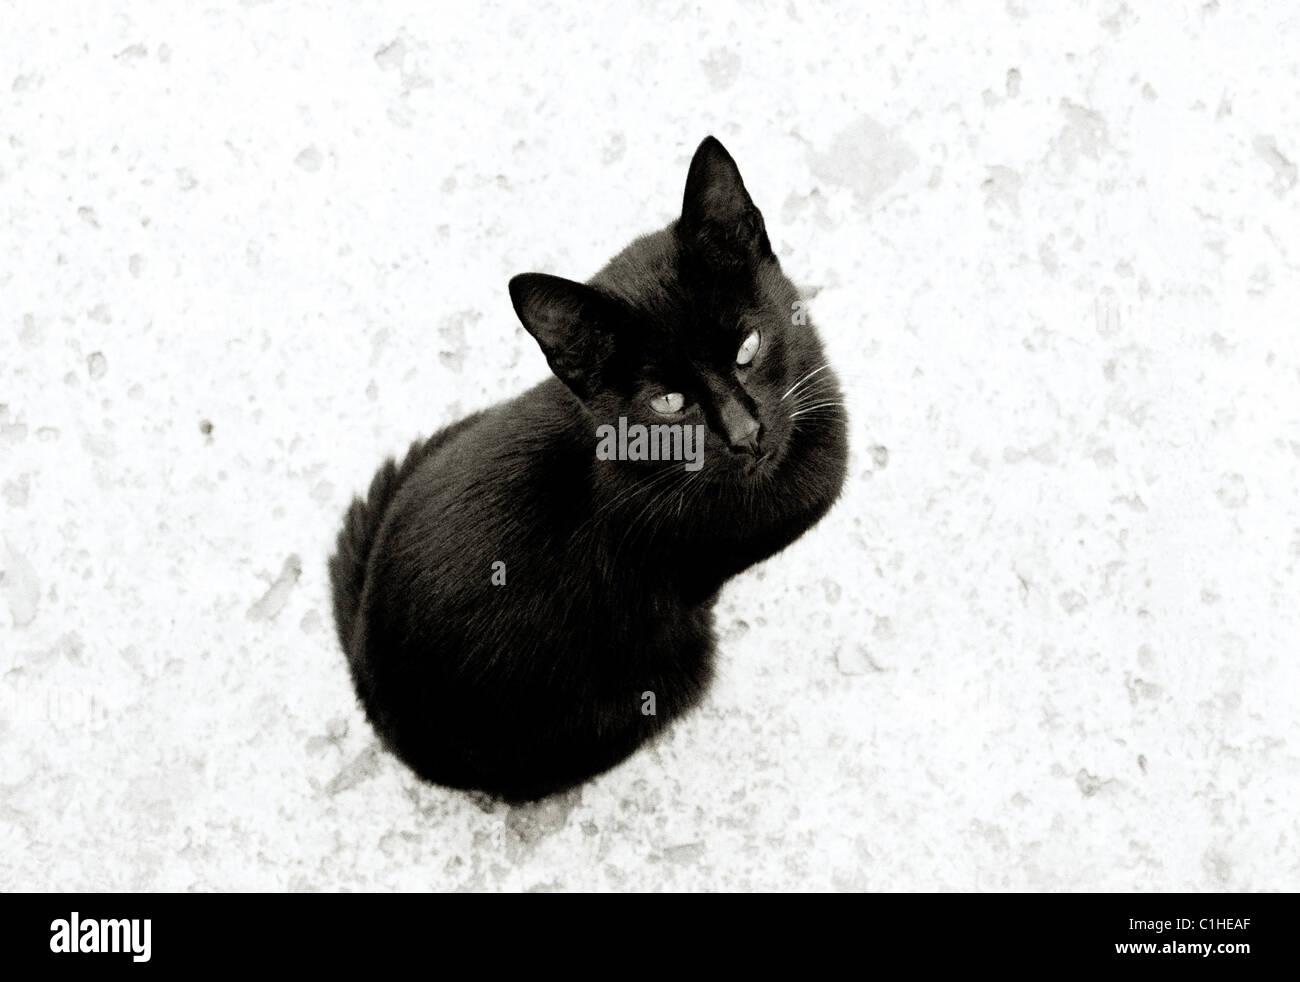 Dokumentarische Fotografie - Geheimnisvolle schwarze Katze in Istanbul in der Türkei Naher Osten Asien. Katzen Stockbild